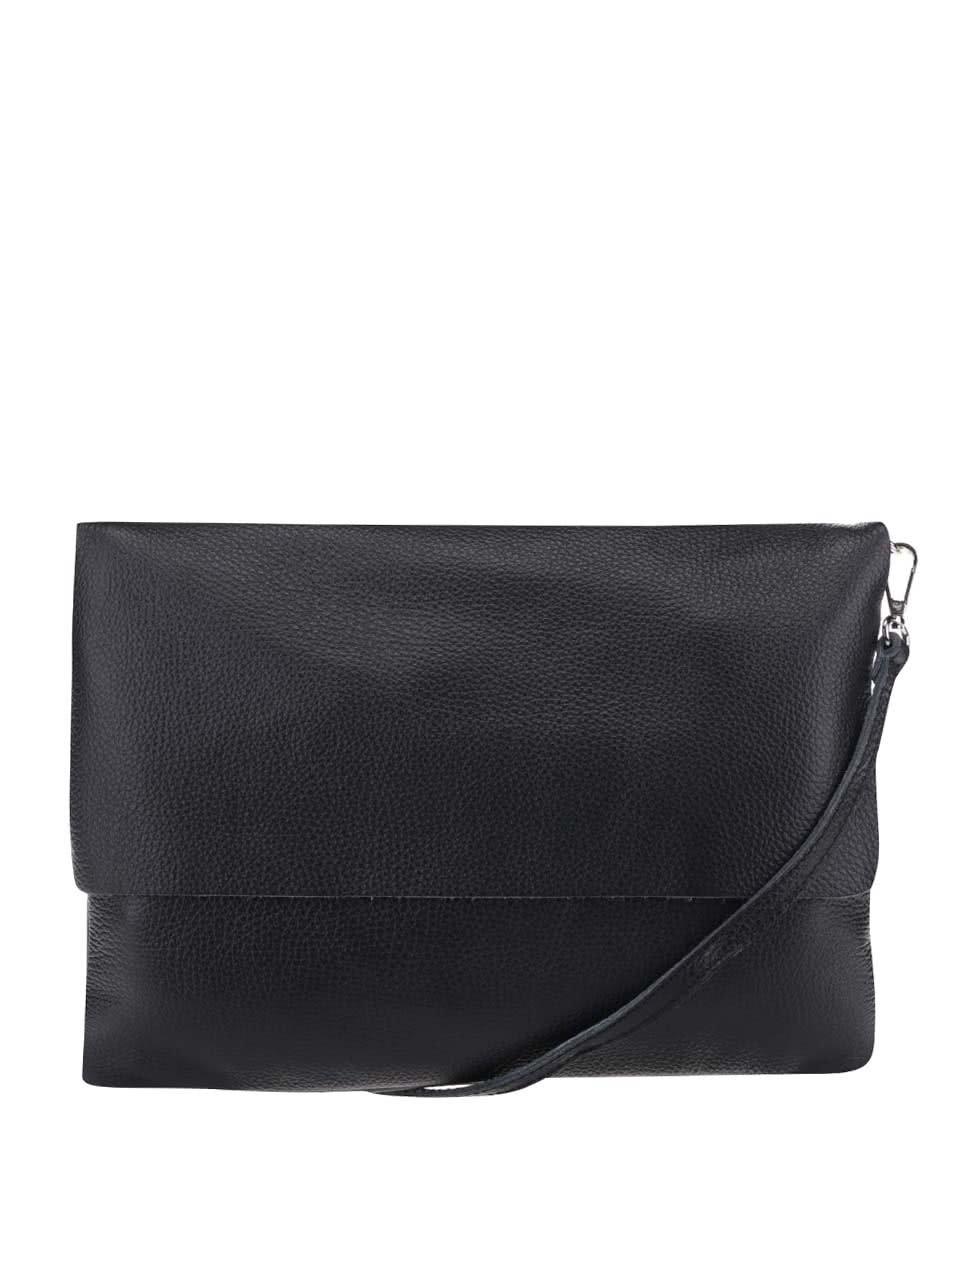 Černá kožená crossbody kabelka ZOOT